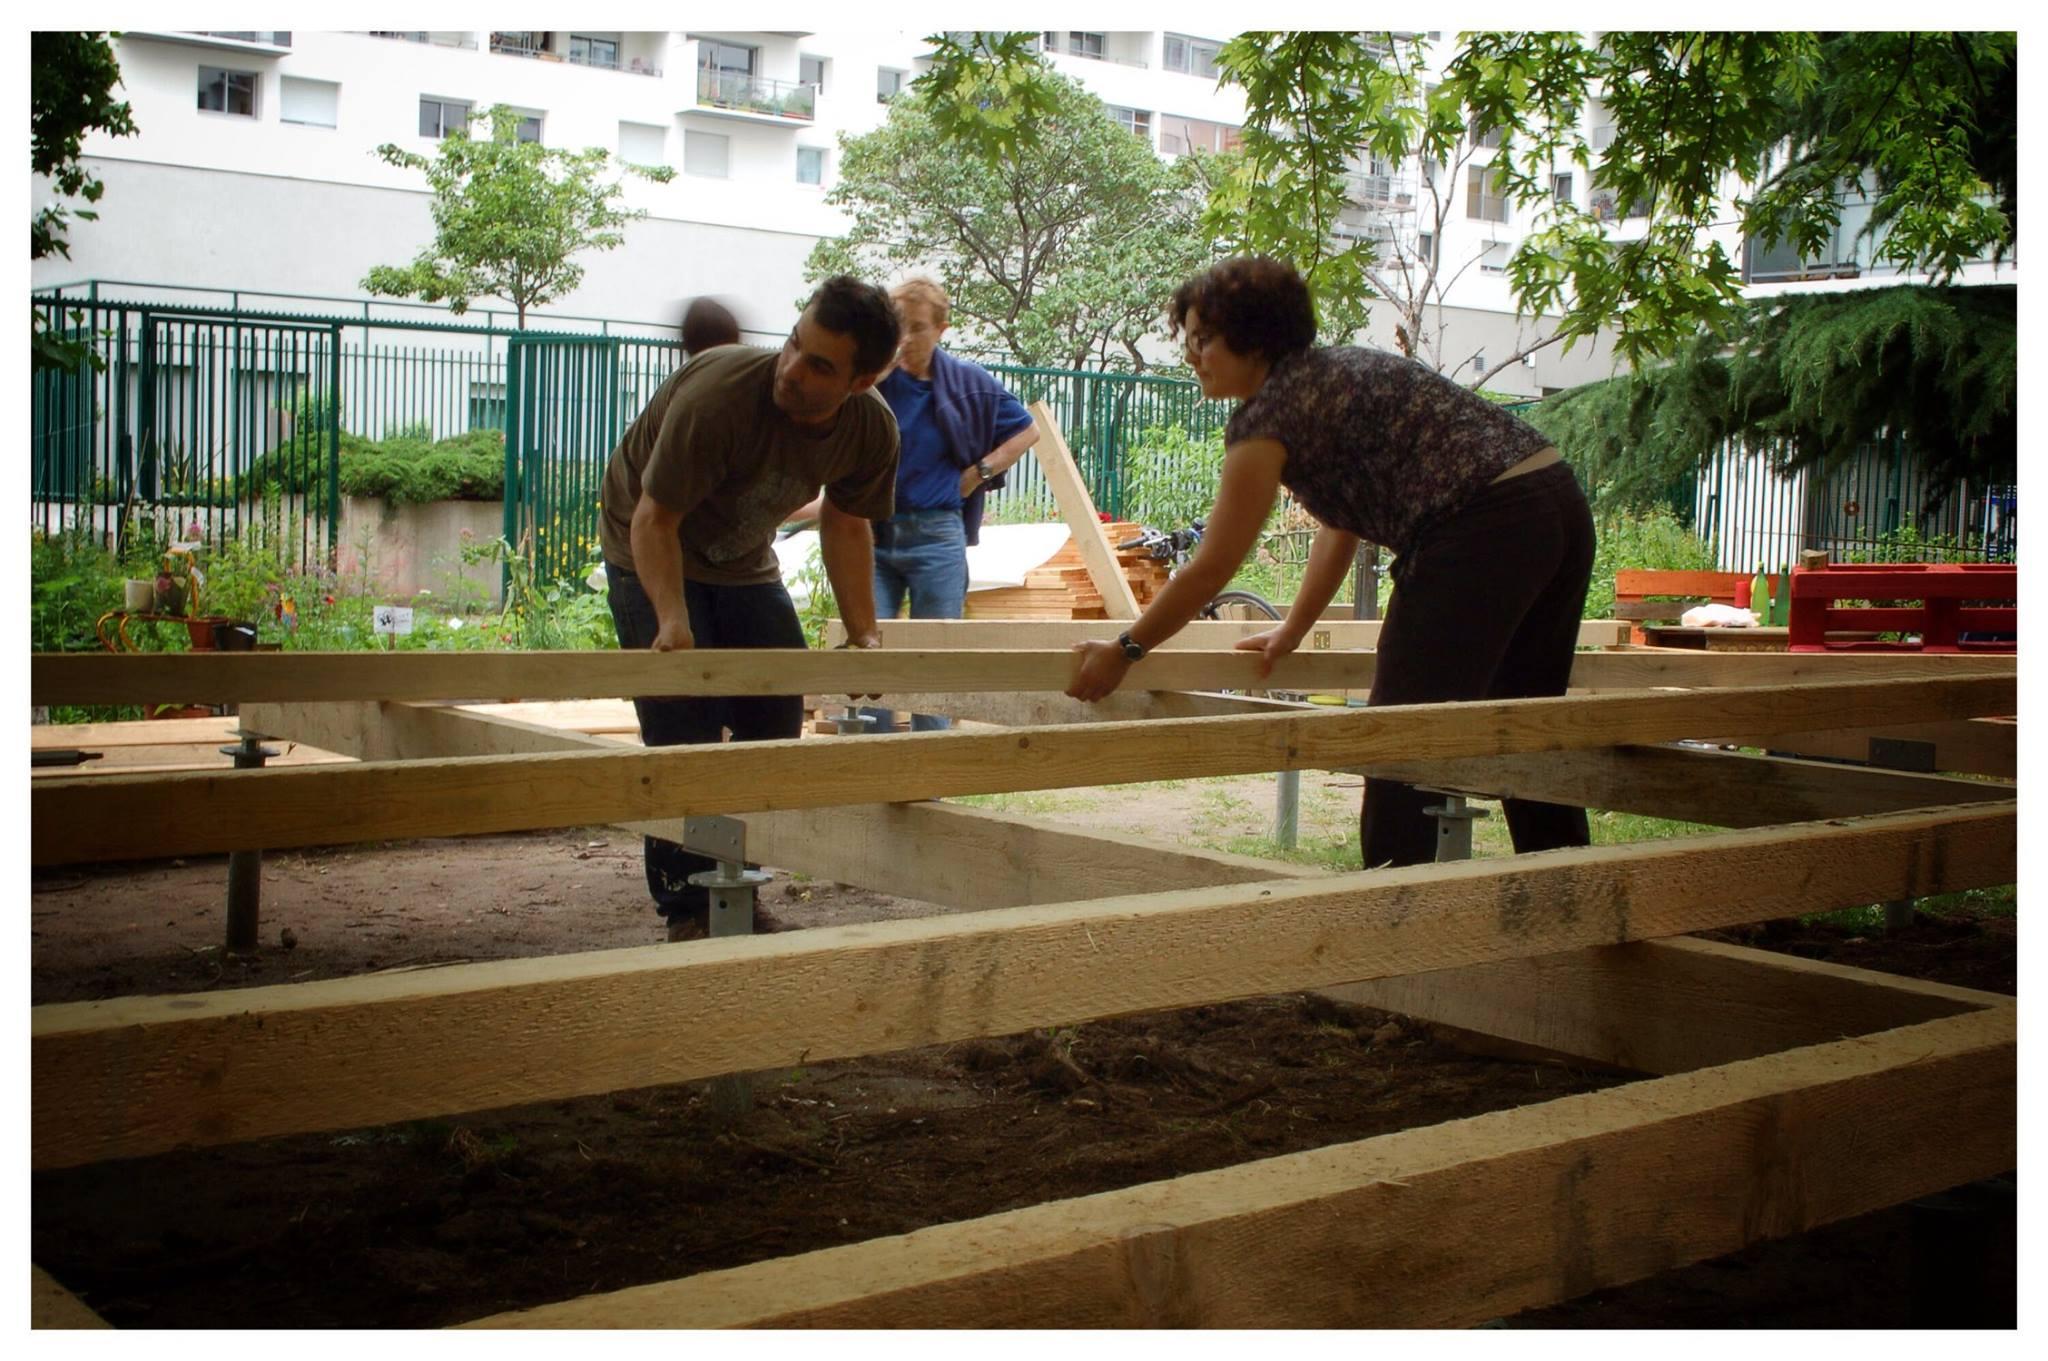 YA+K - yaplusk - Baleine Verte - chantier participatif à Paris 12ème (3)